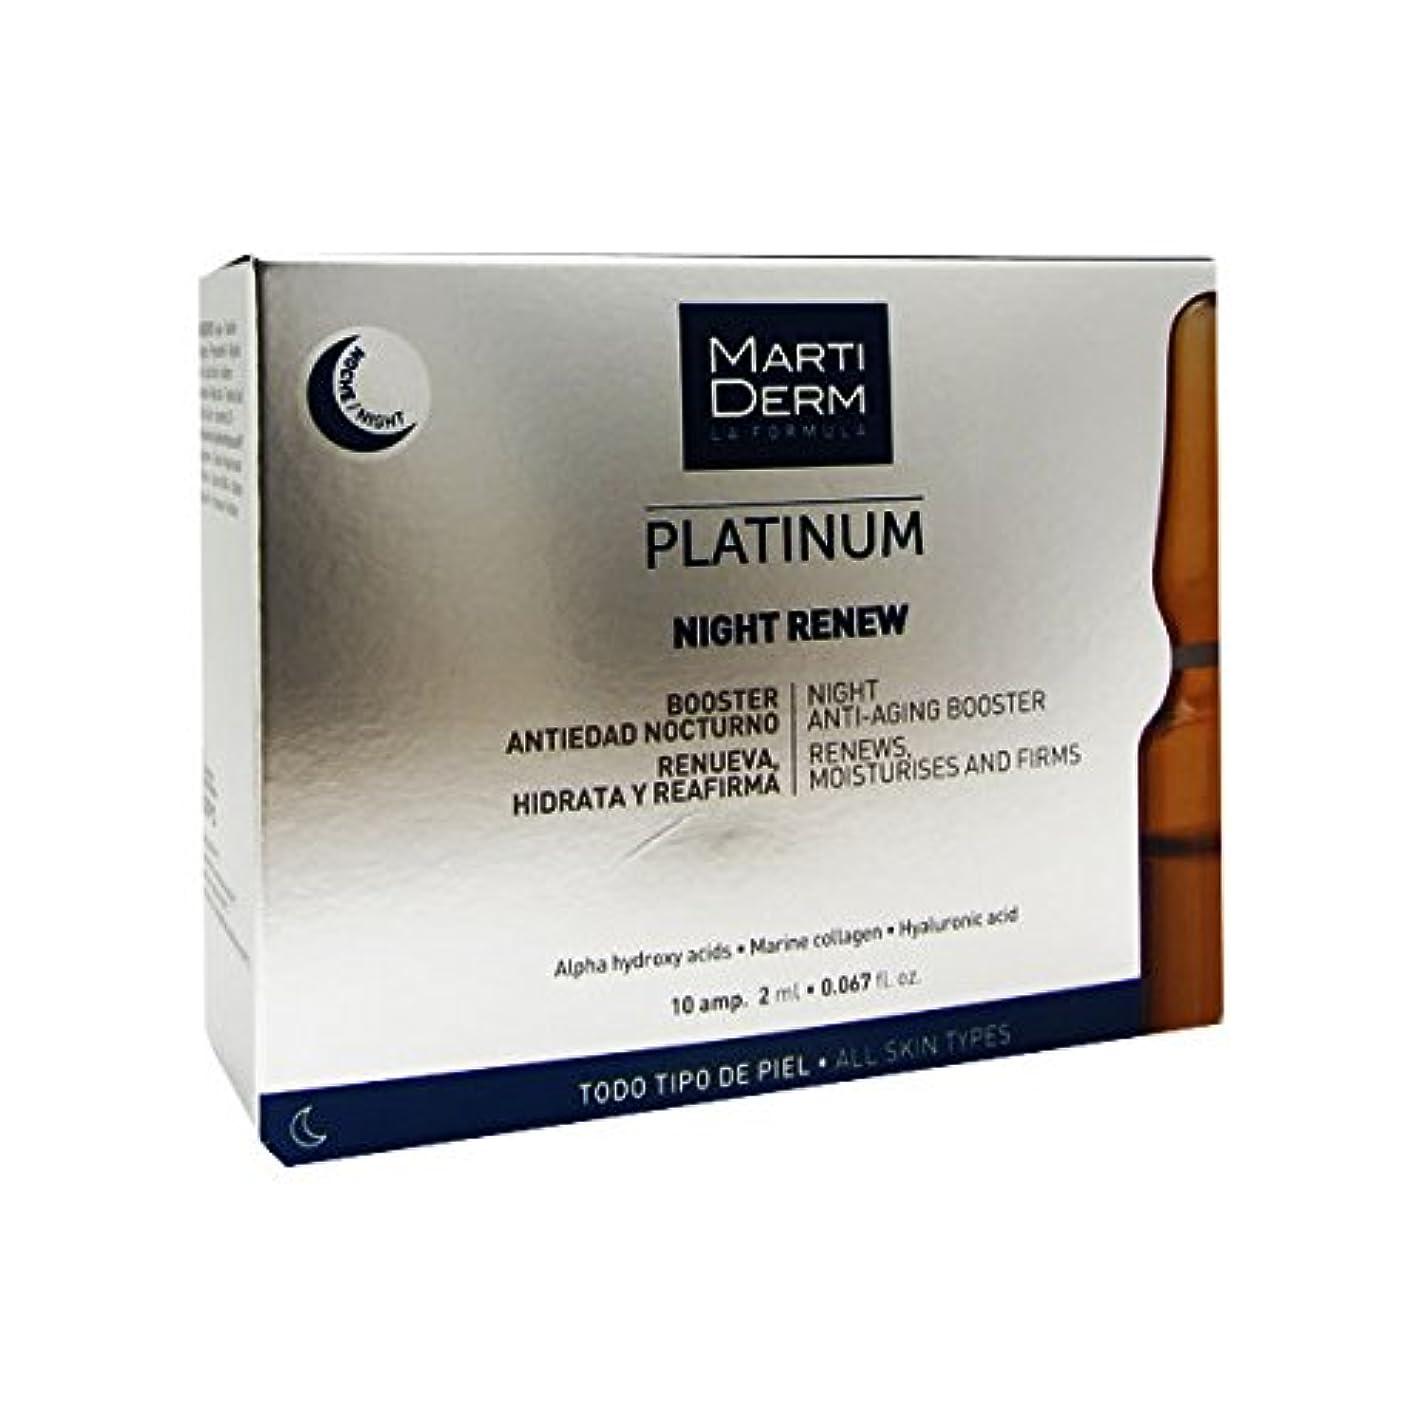 部屋を掃除する施し慢性的Martiderm Platinum Night Renew Ampoules 10ampx2ml [並行輸入品]